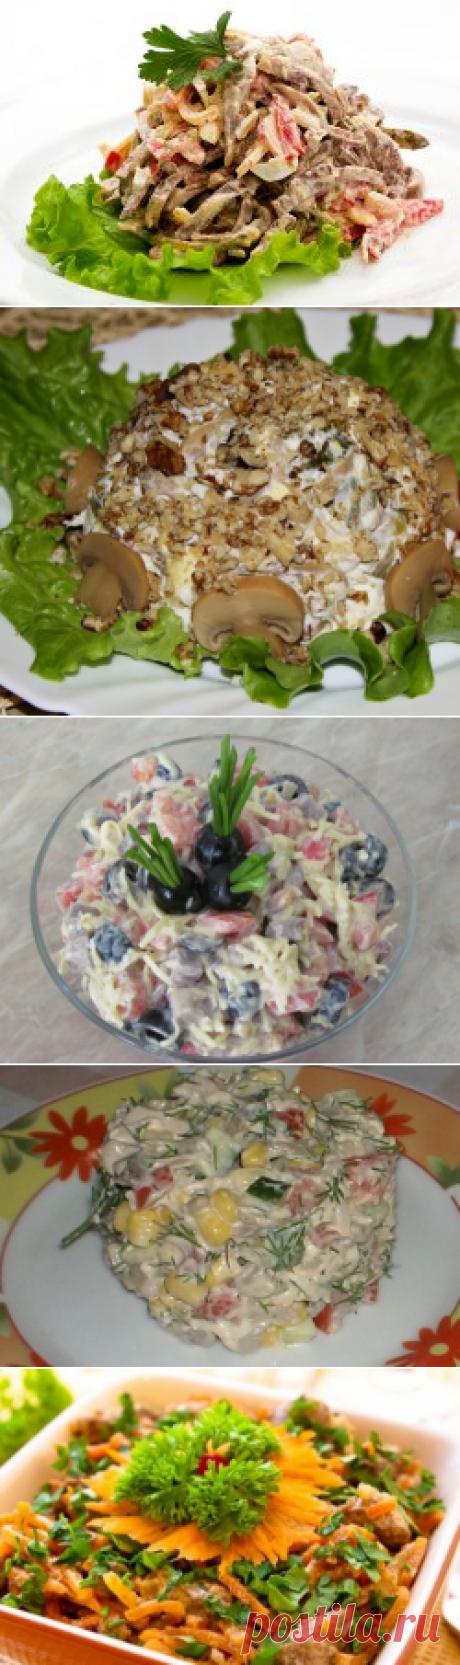 Салат из языка — деликатес для праздничного застолья